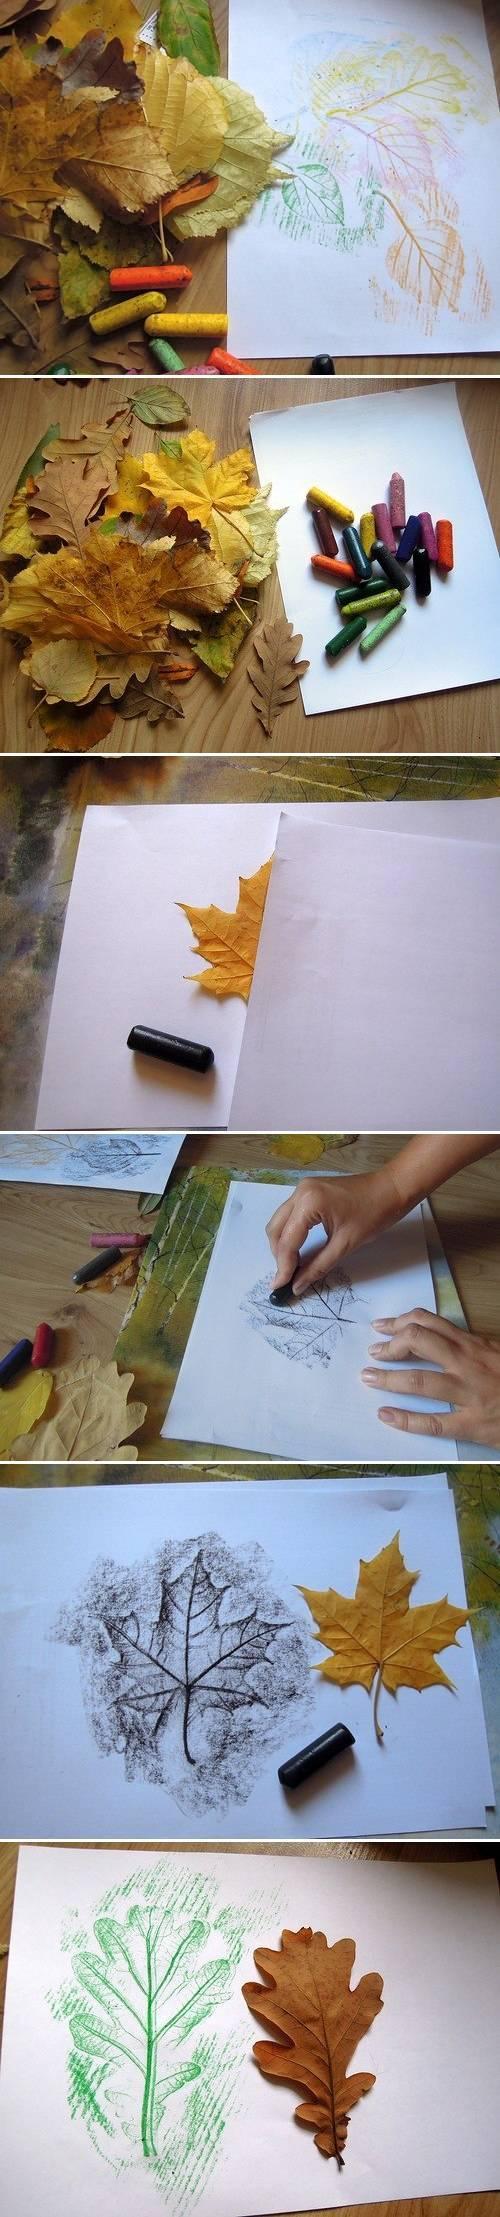 Desenhar folhas usando giz e papel